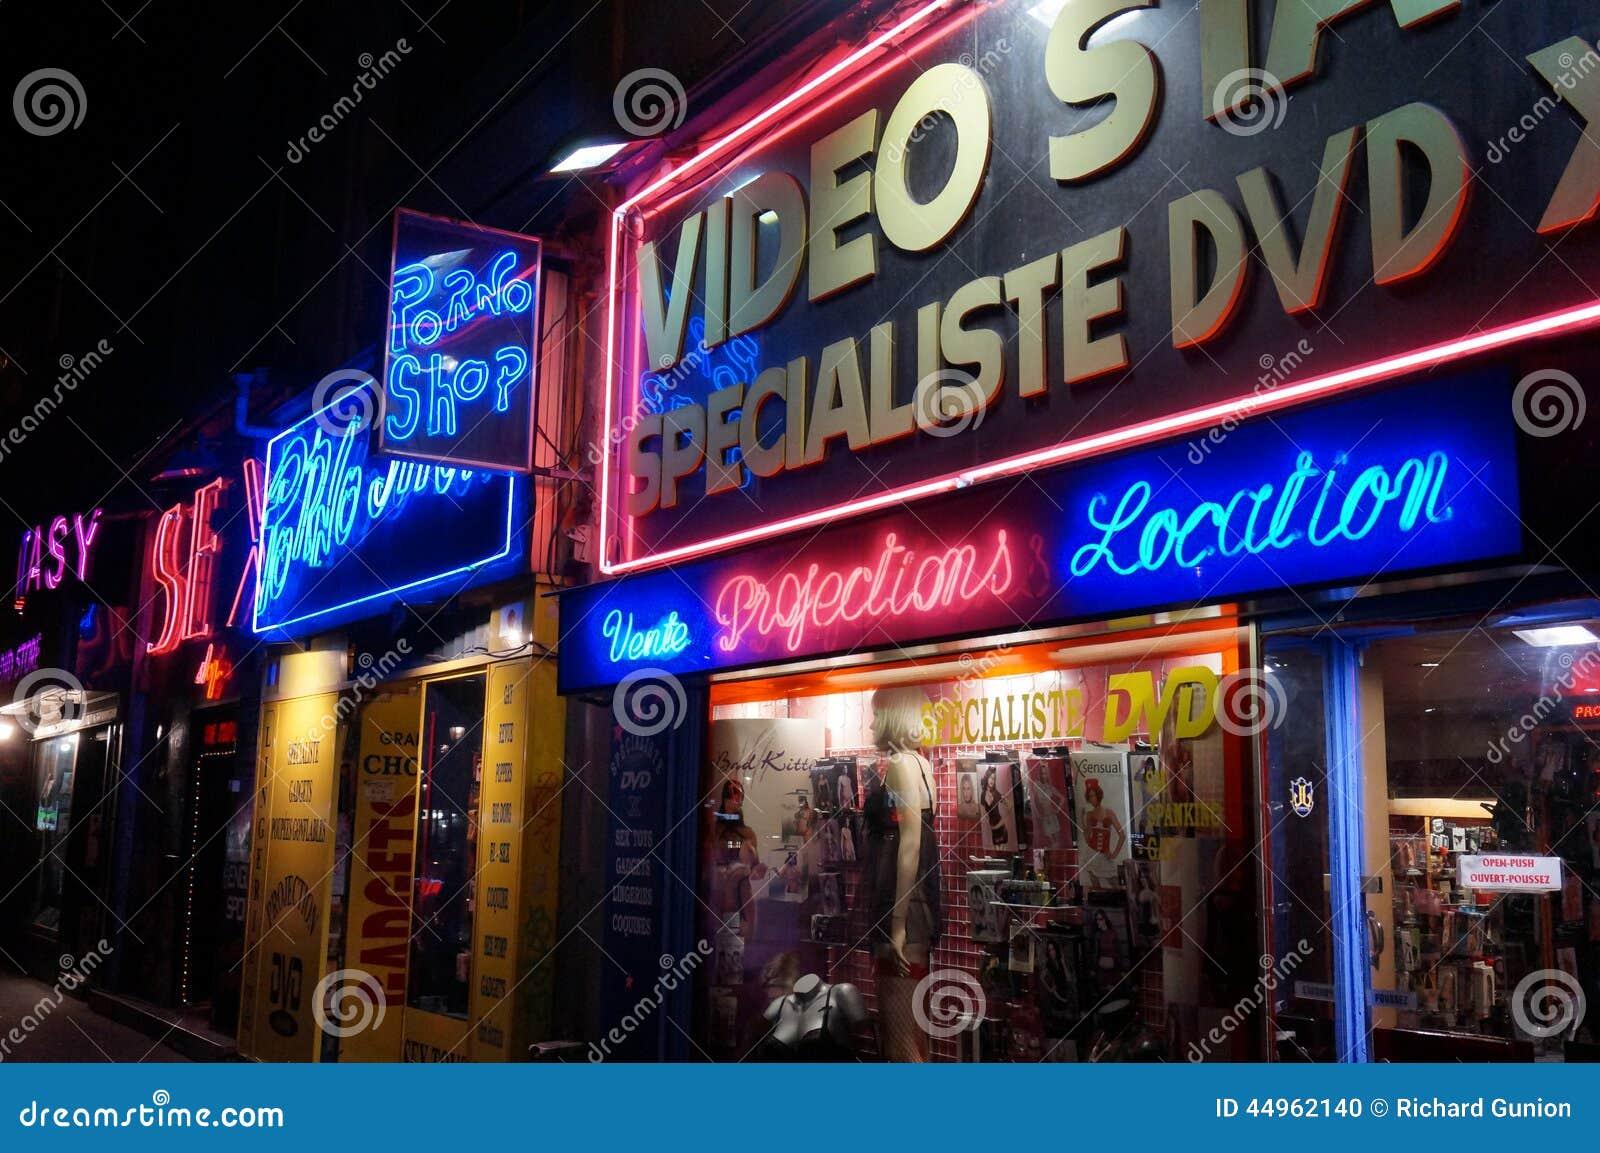 Shop Porno 33